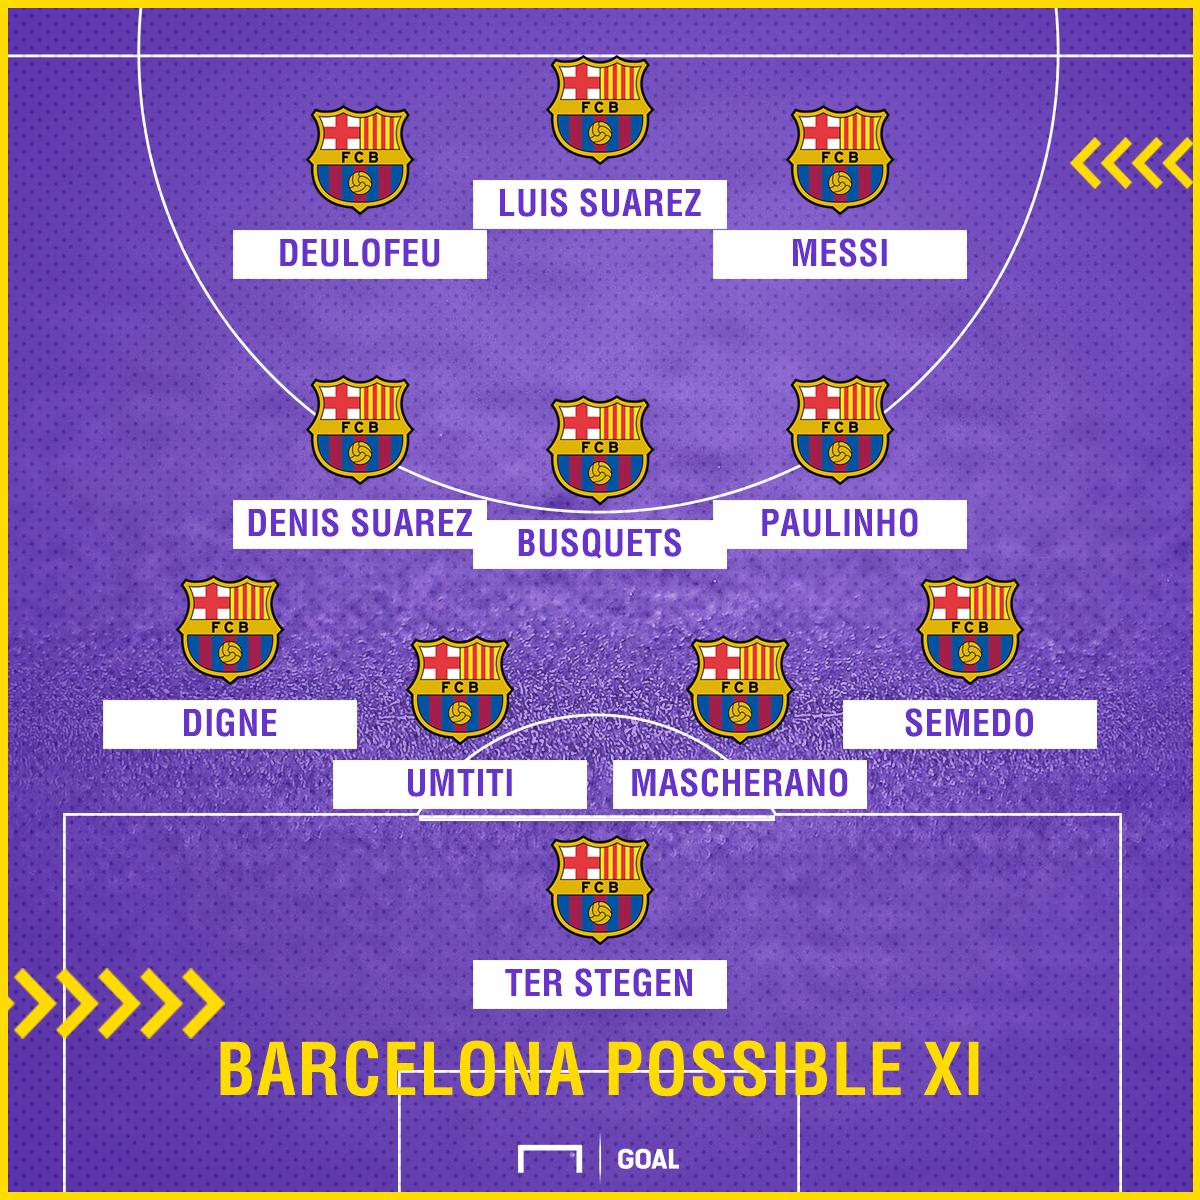 Barcelona possible XI